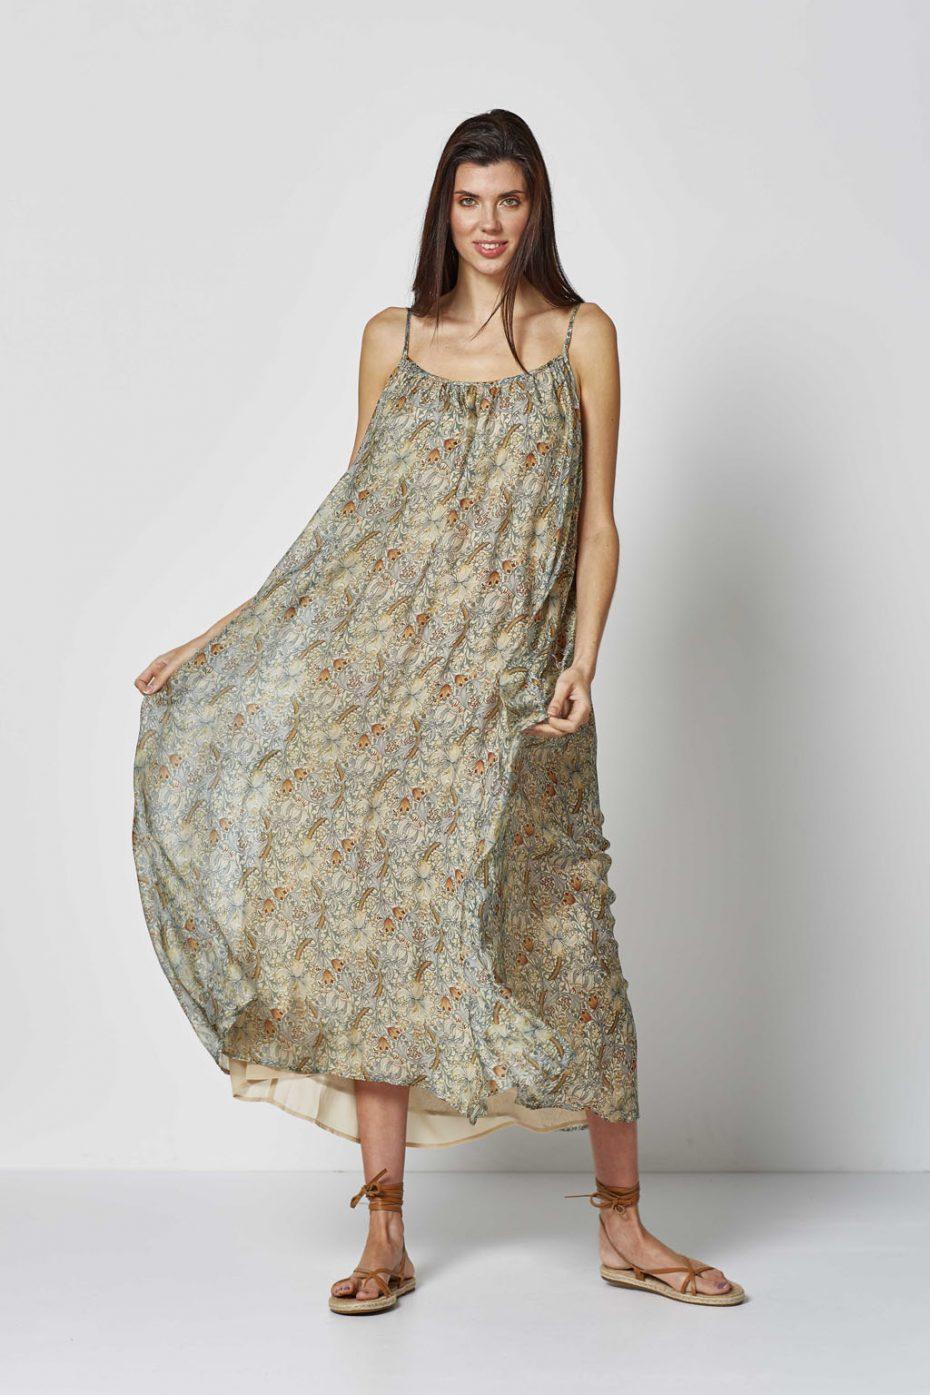 Vestido Largo Seda Estampado Floral de Vandos